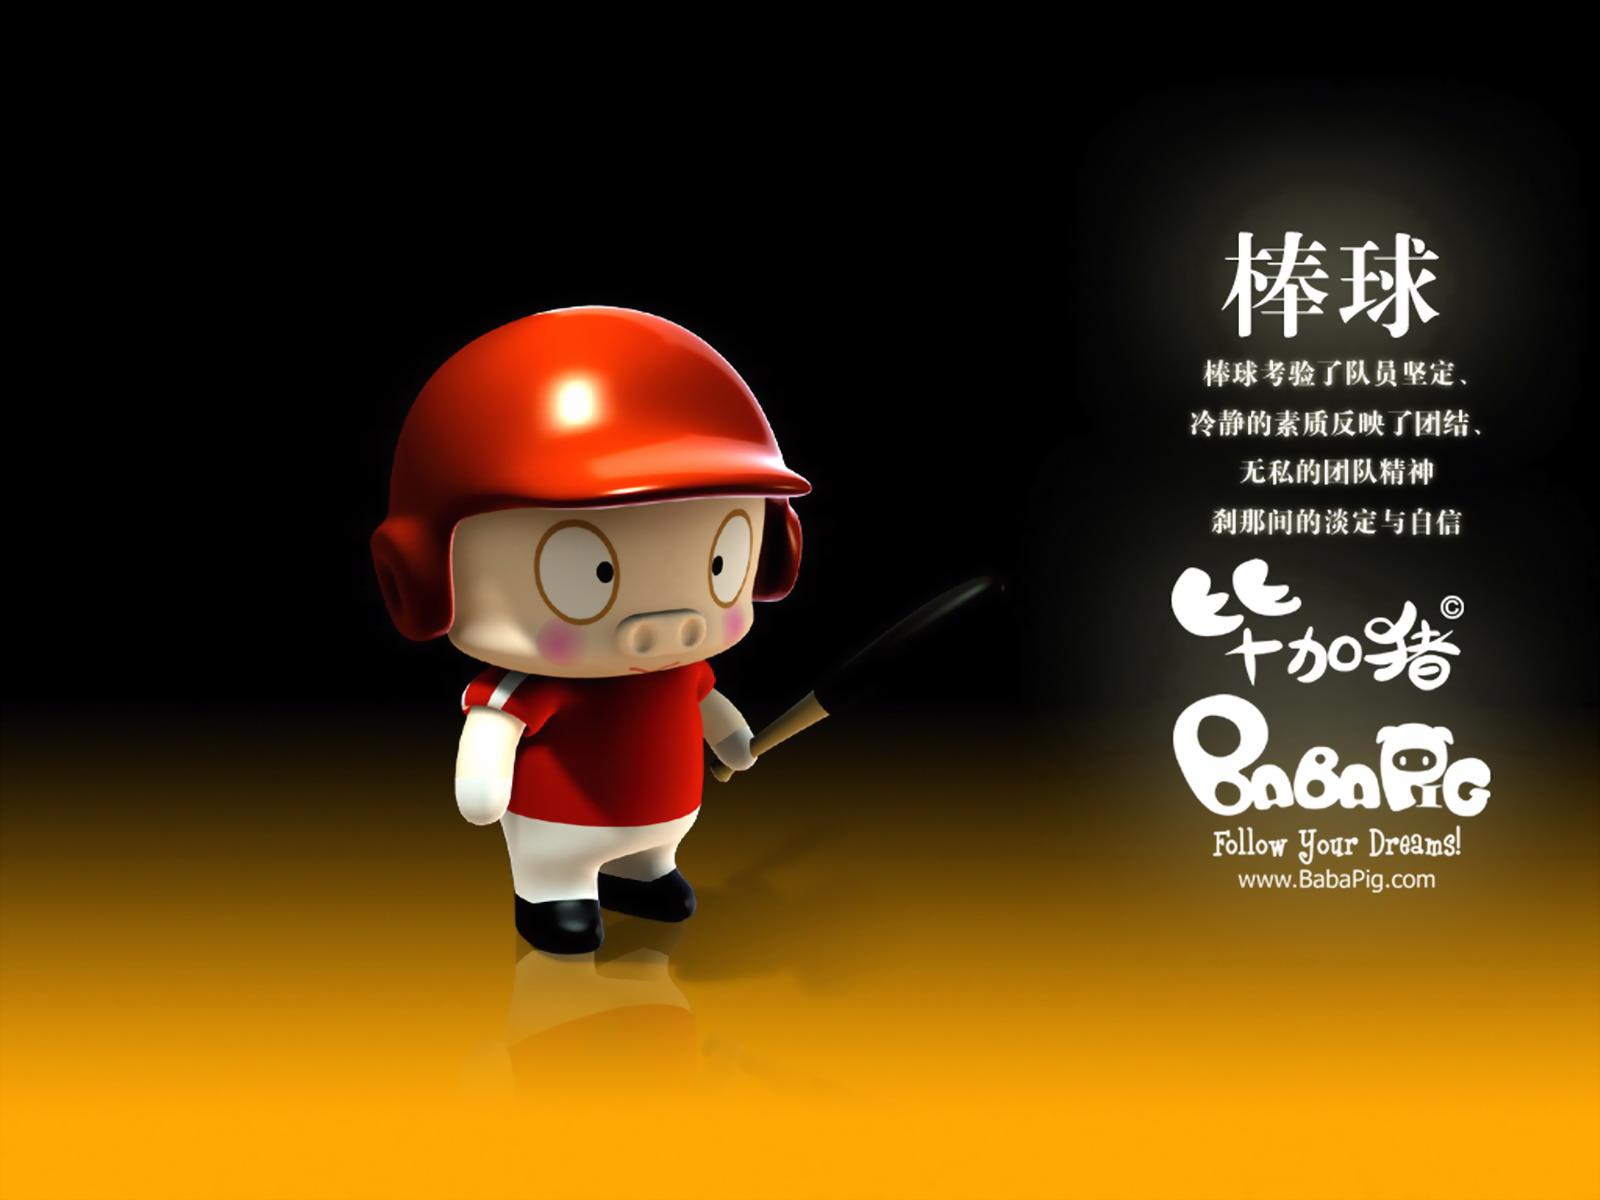 高清3d卡通-毕加猪4(1600x1200)壁纸 - 桌面壁纸【--.